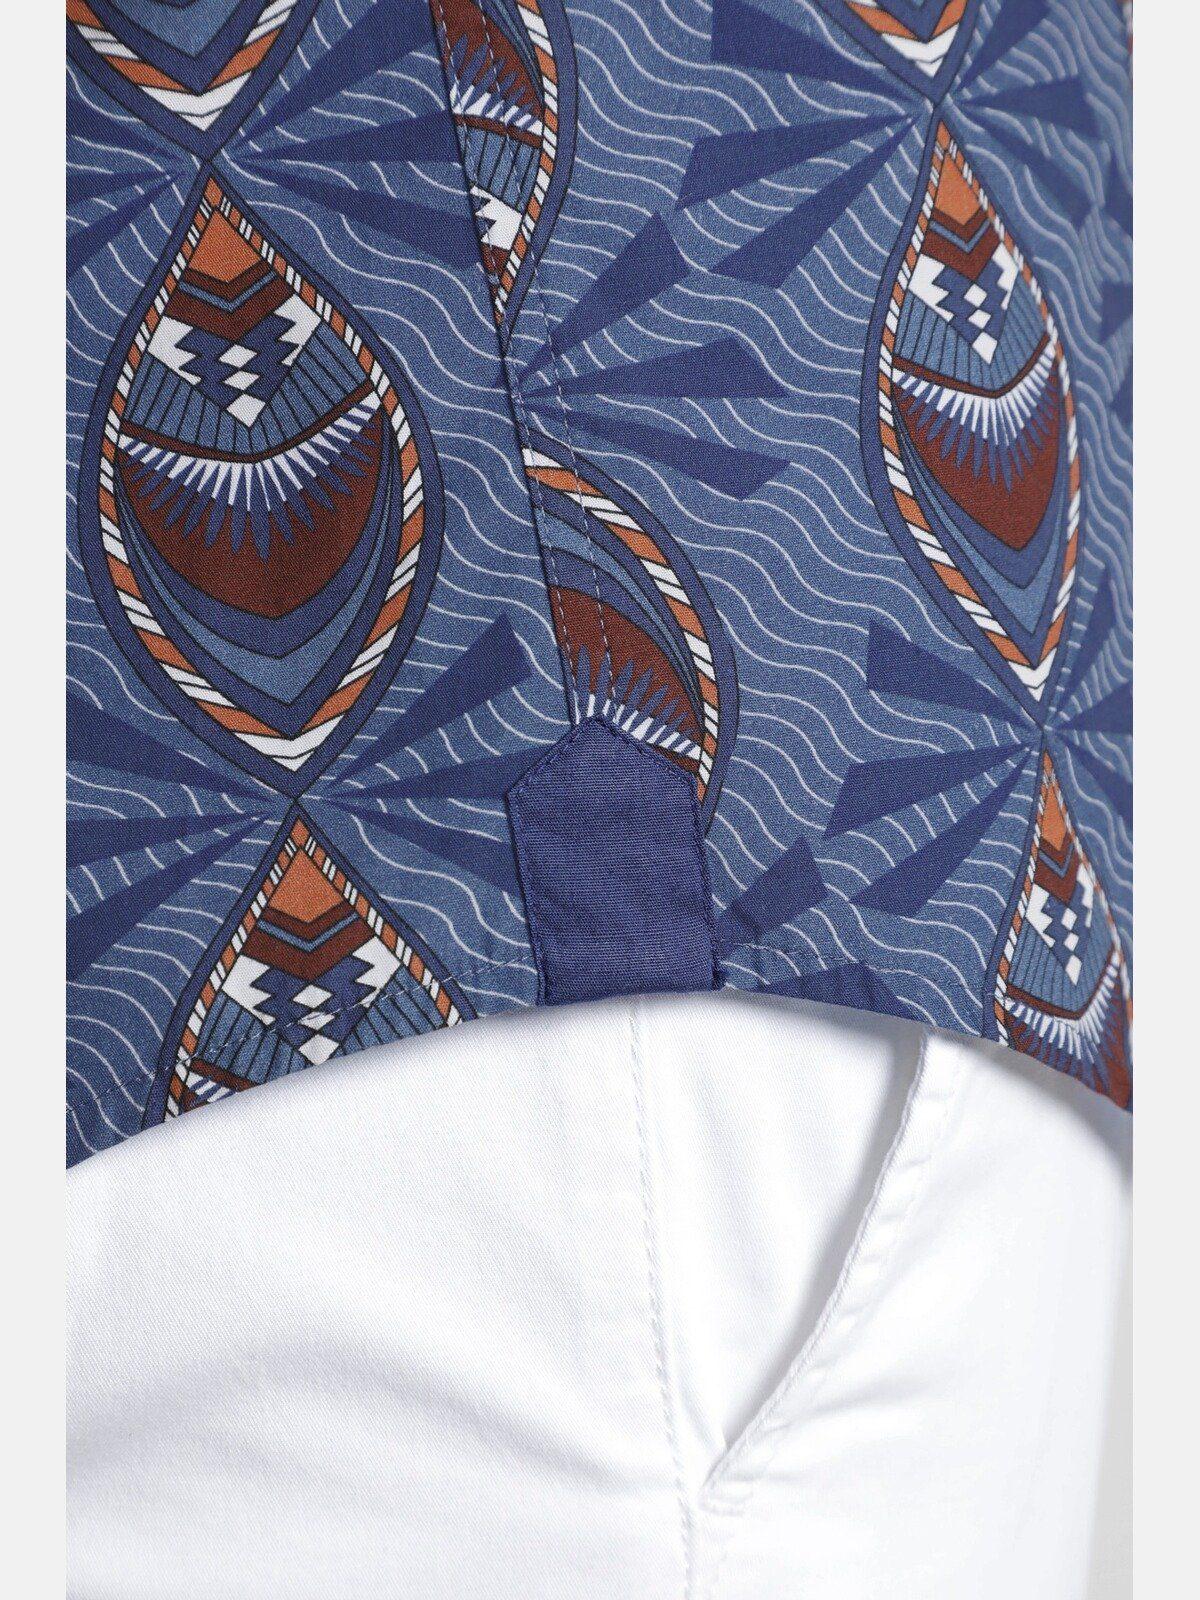 Shirtmaster Overhemd Met Korte Mouwen Âpeacockâ Online Shop - Geweldige Prijs